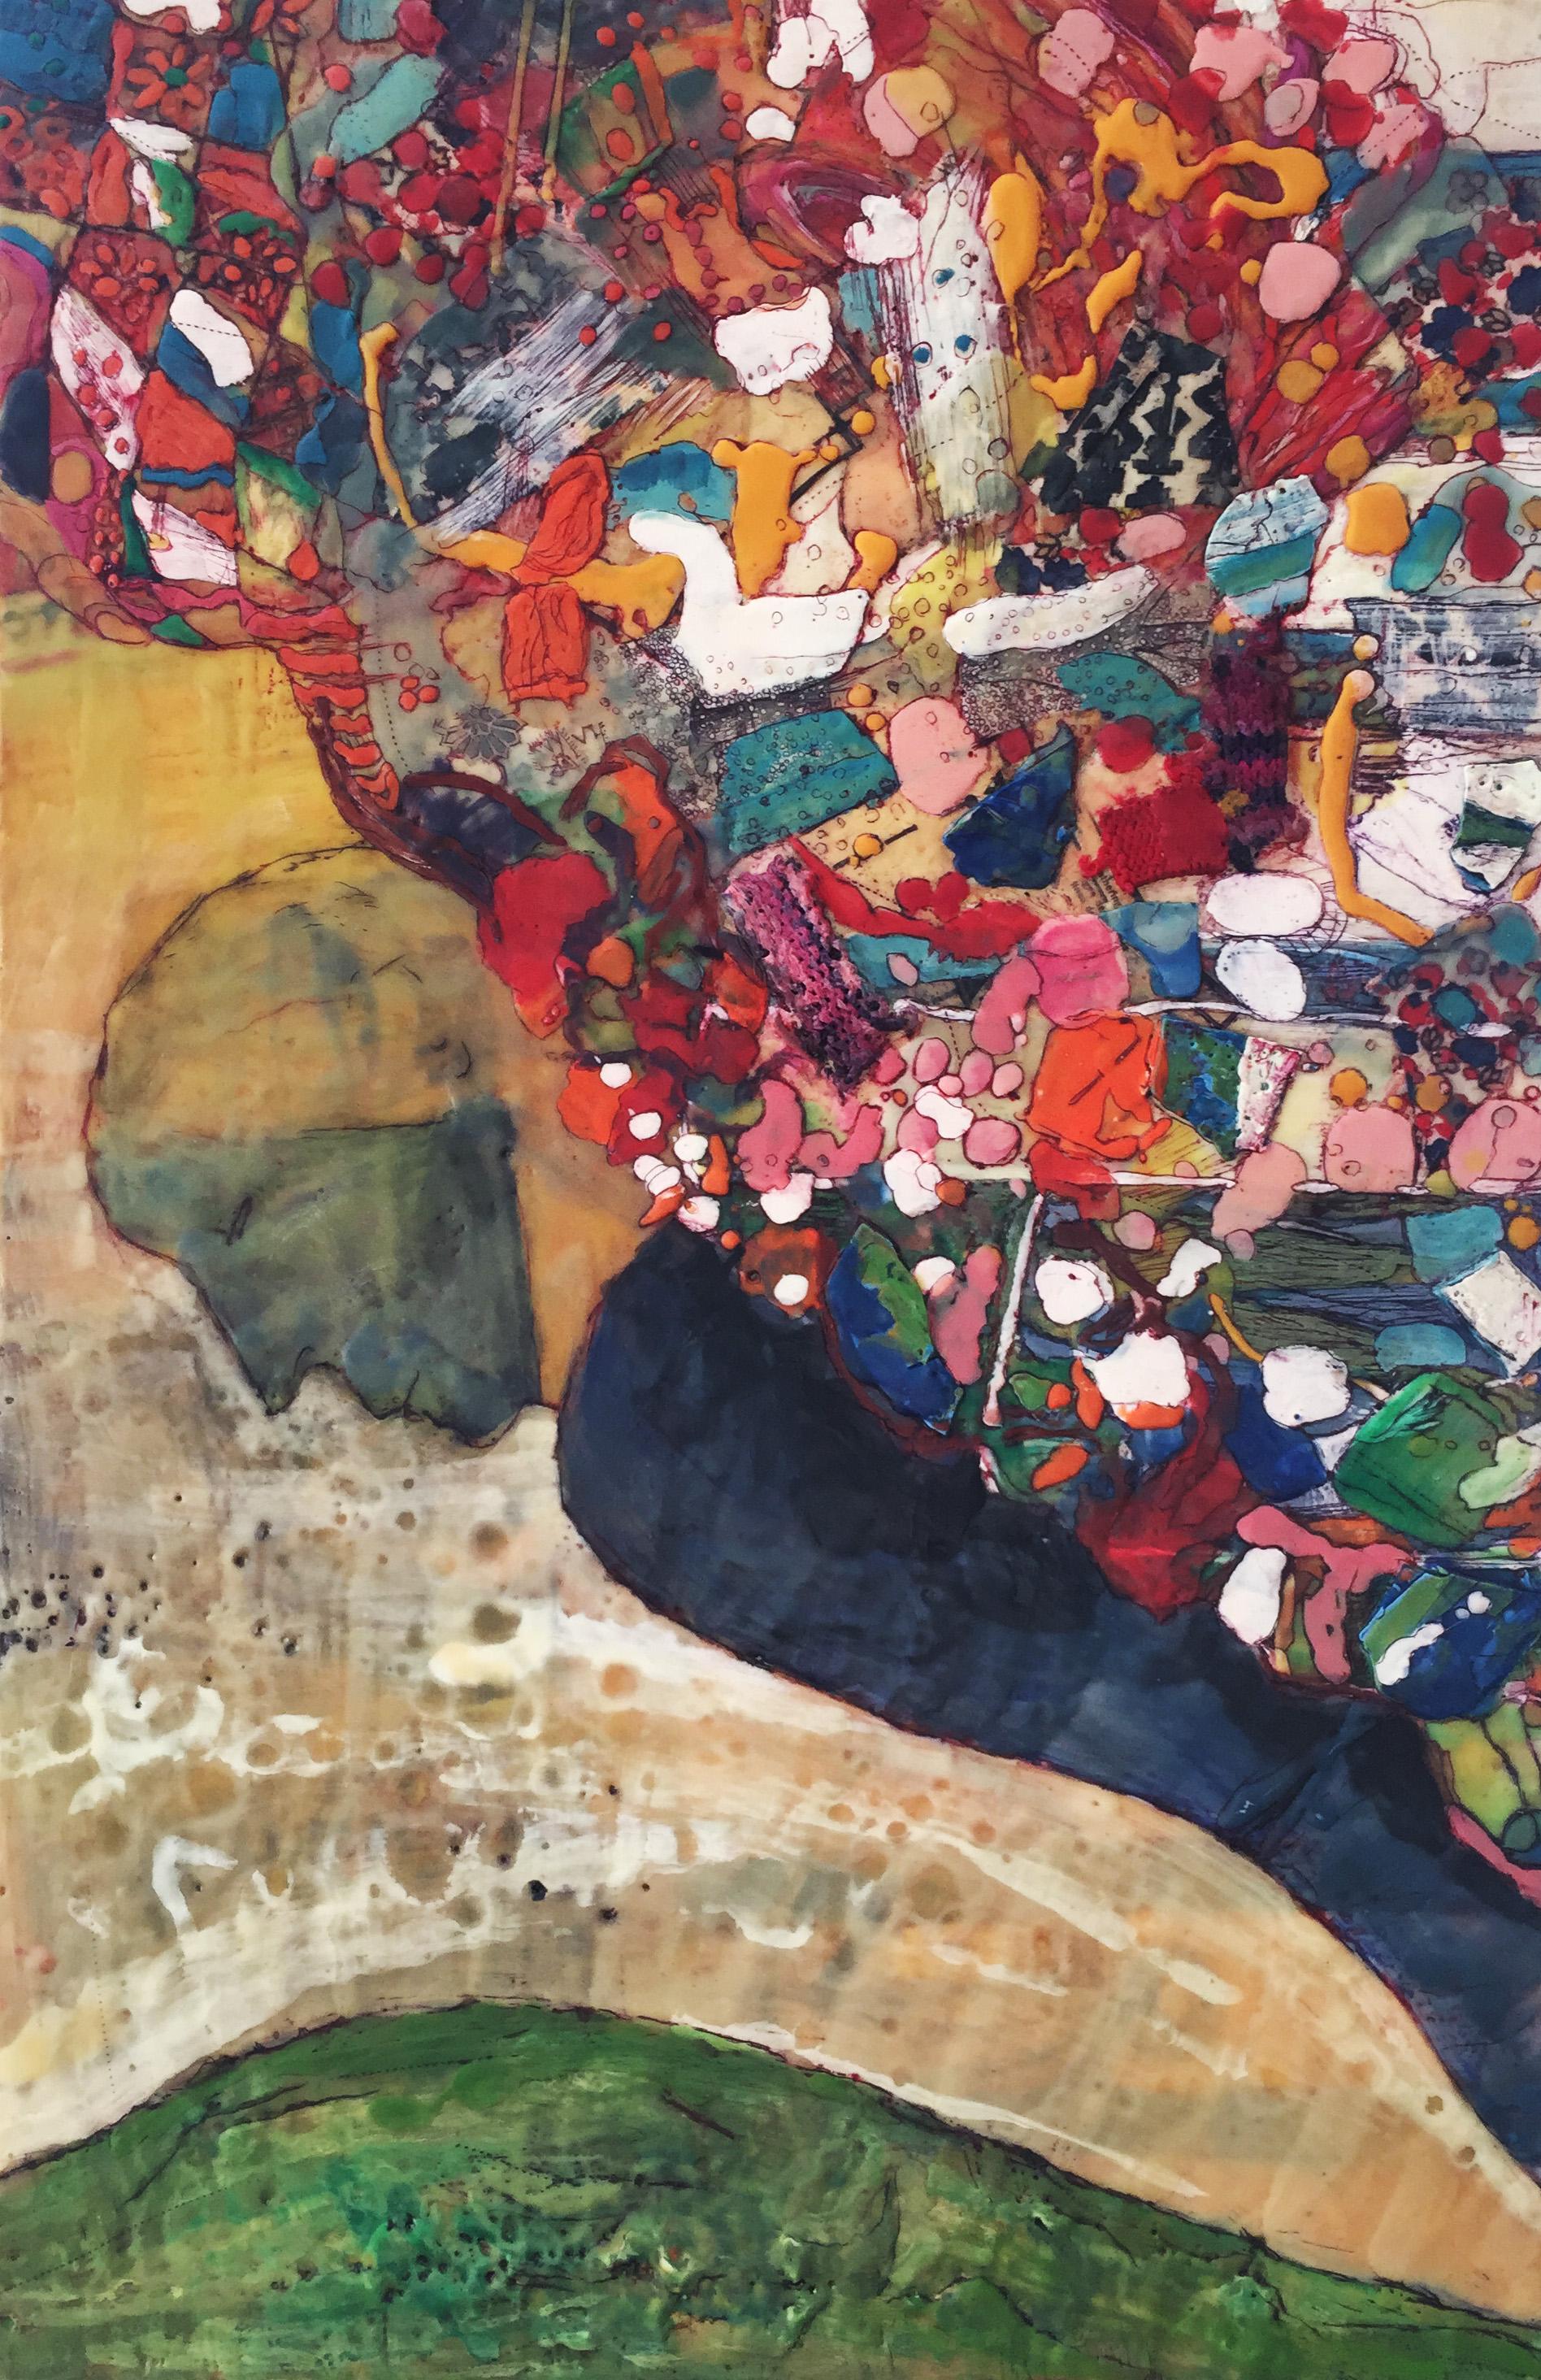 Hélène Farrar, What We Carry: The Balance, encaustic on panel, 30 x 22 inches